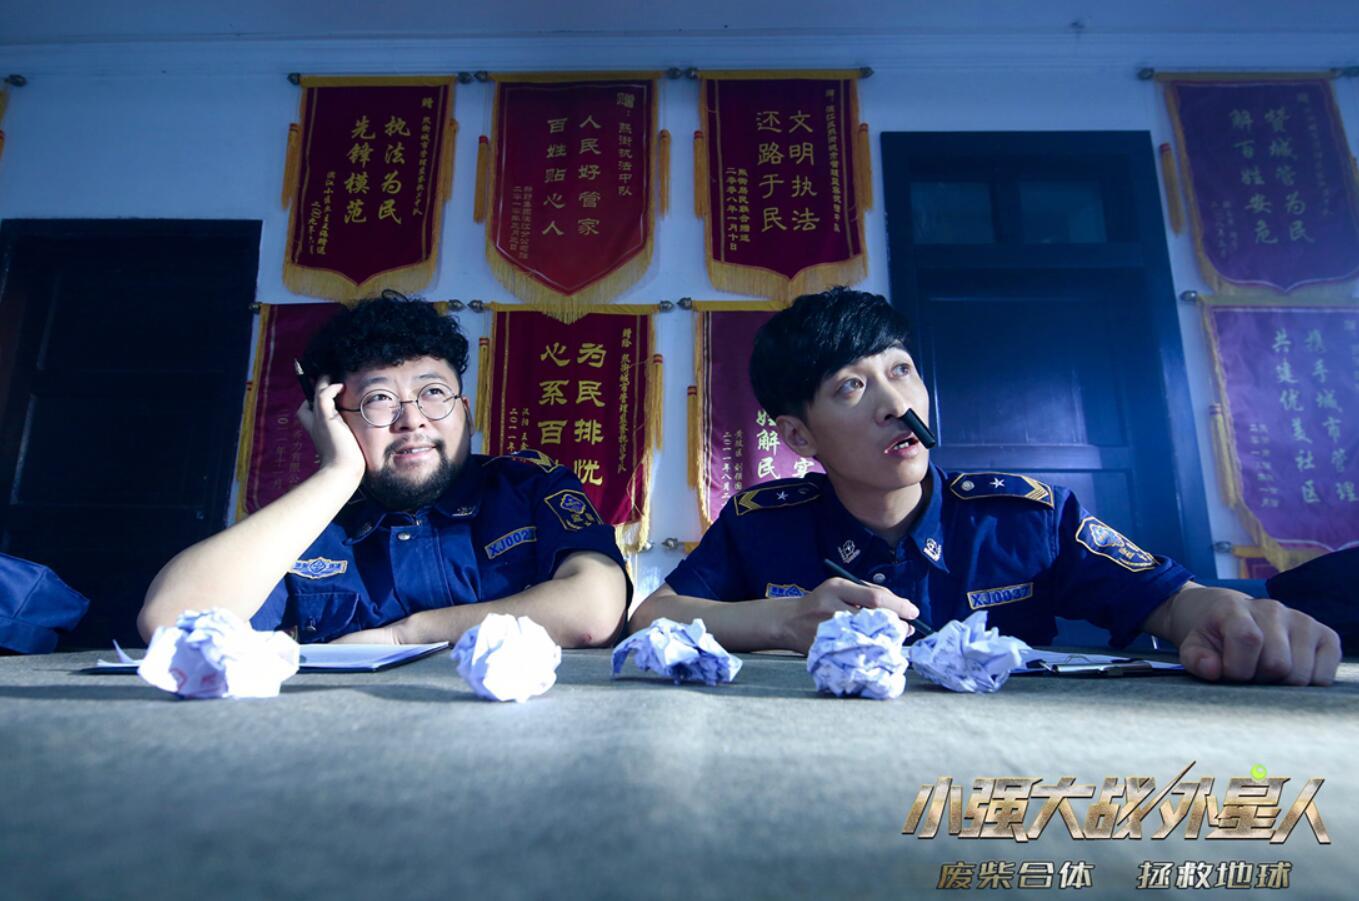 """《小强大战外星人》12月29日上线爱奇艺  """"废柴兄弟""""王宁修睿变形计"""